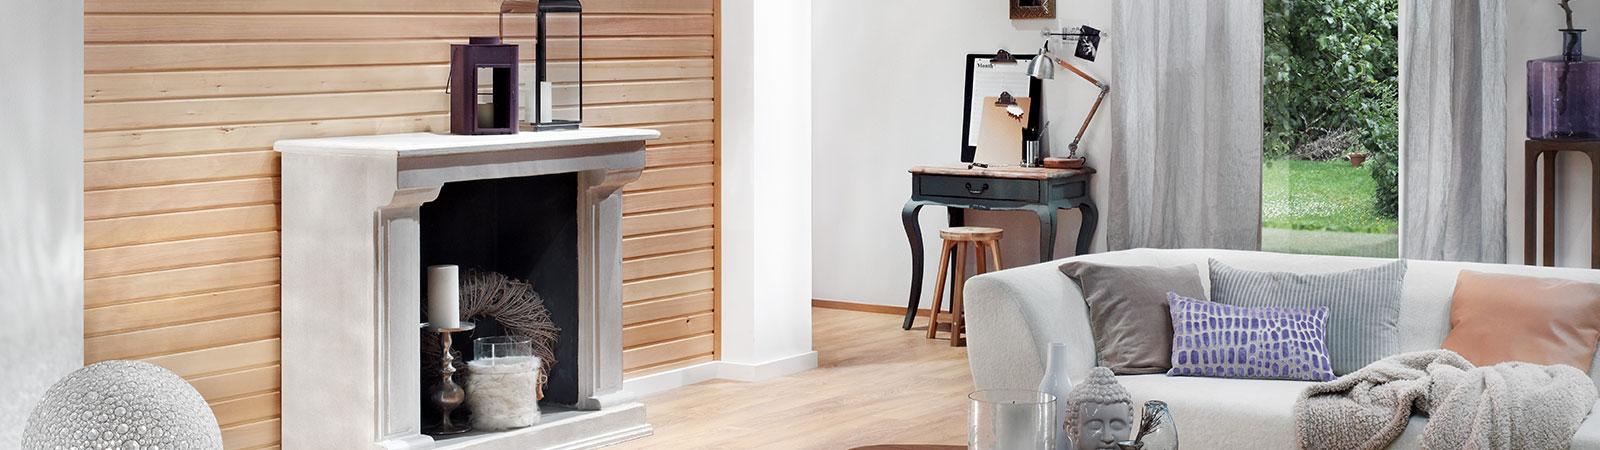 Profilholz Unbehandelt Osmo Holz Und Color Gmbh Co Kg